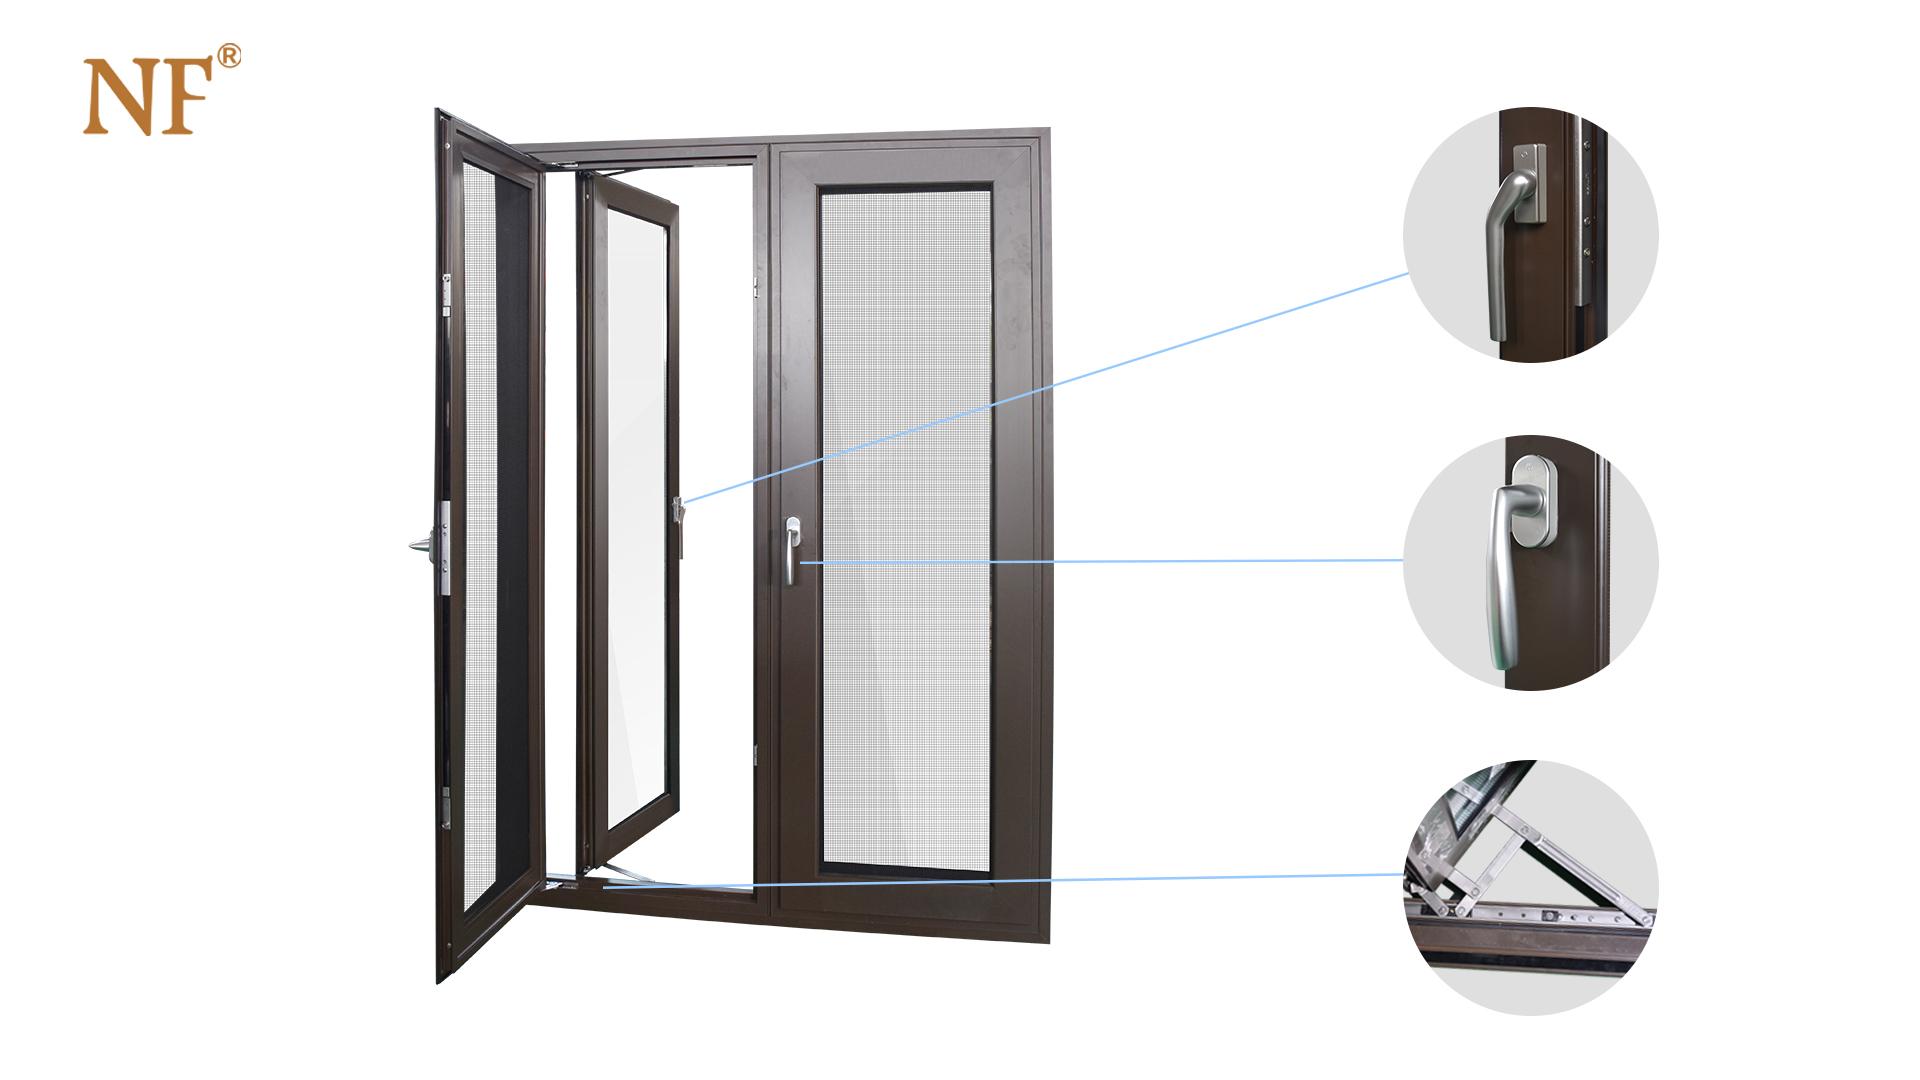 คู่กระจกโค้งคู่ casement window